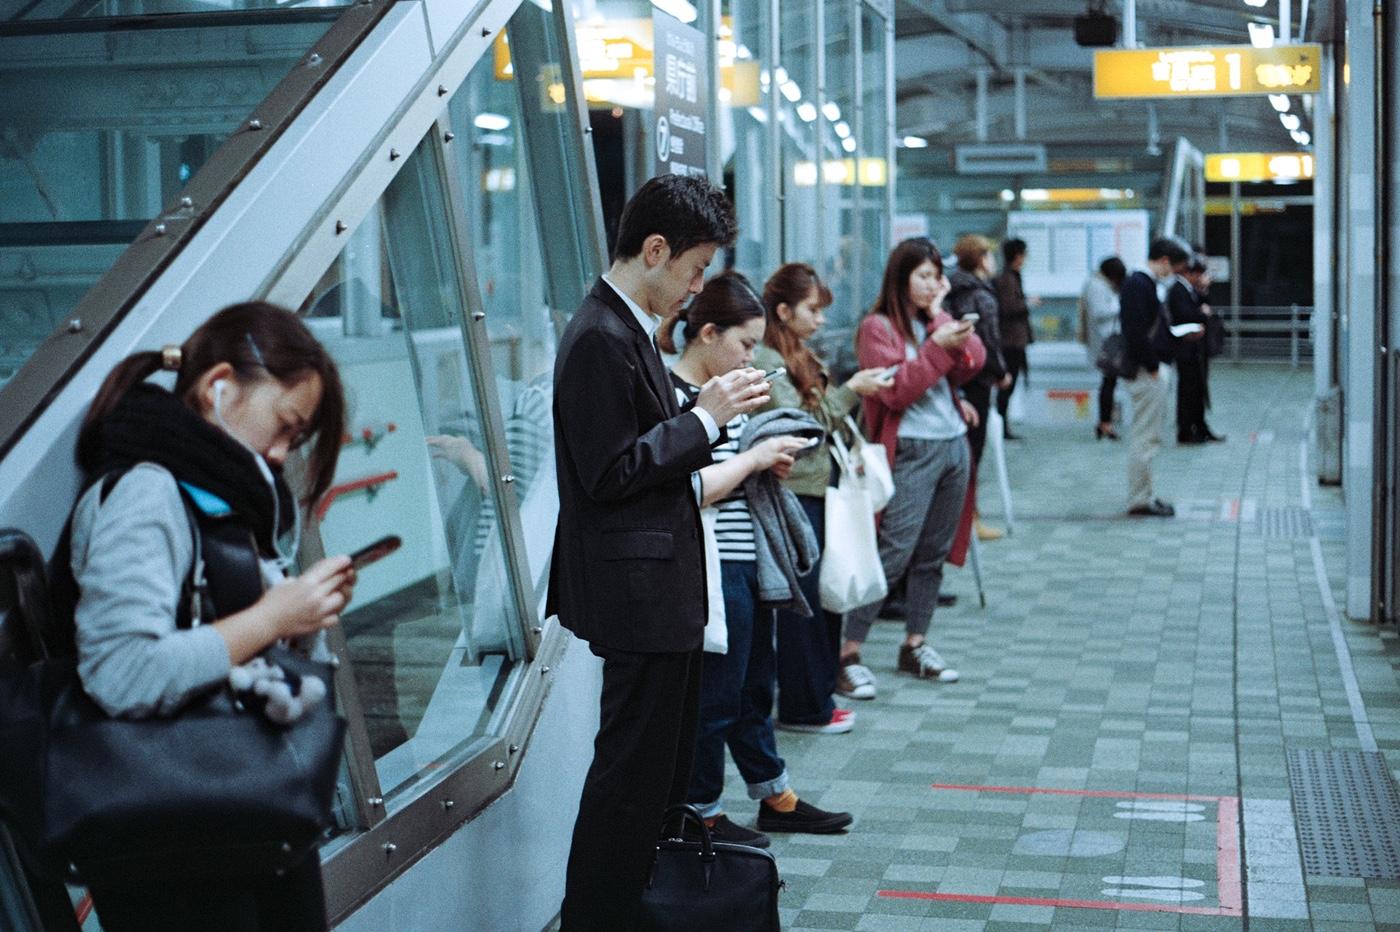 Des gens utilisant leur smartphone